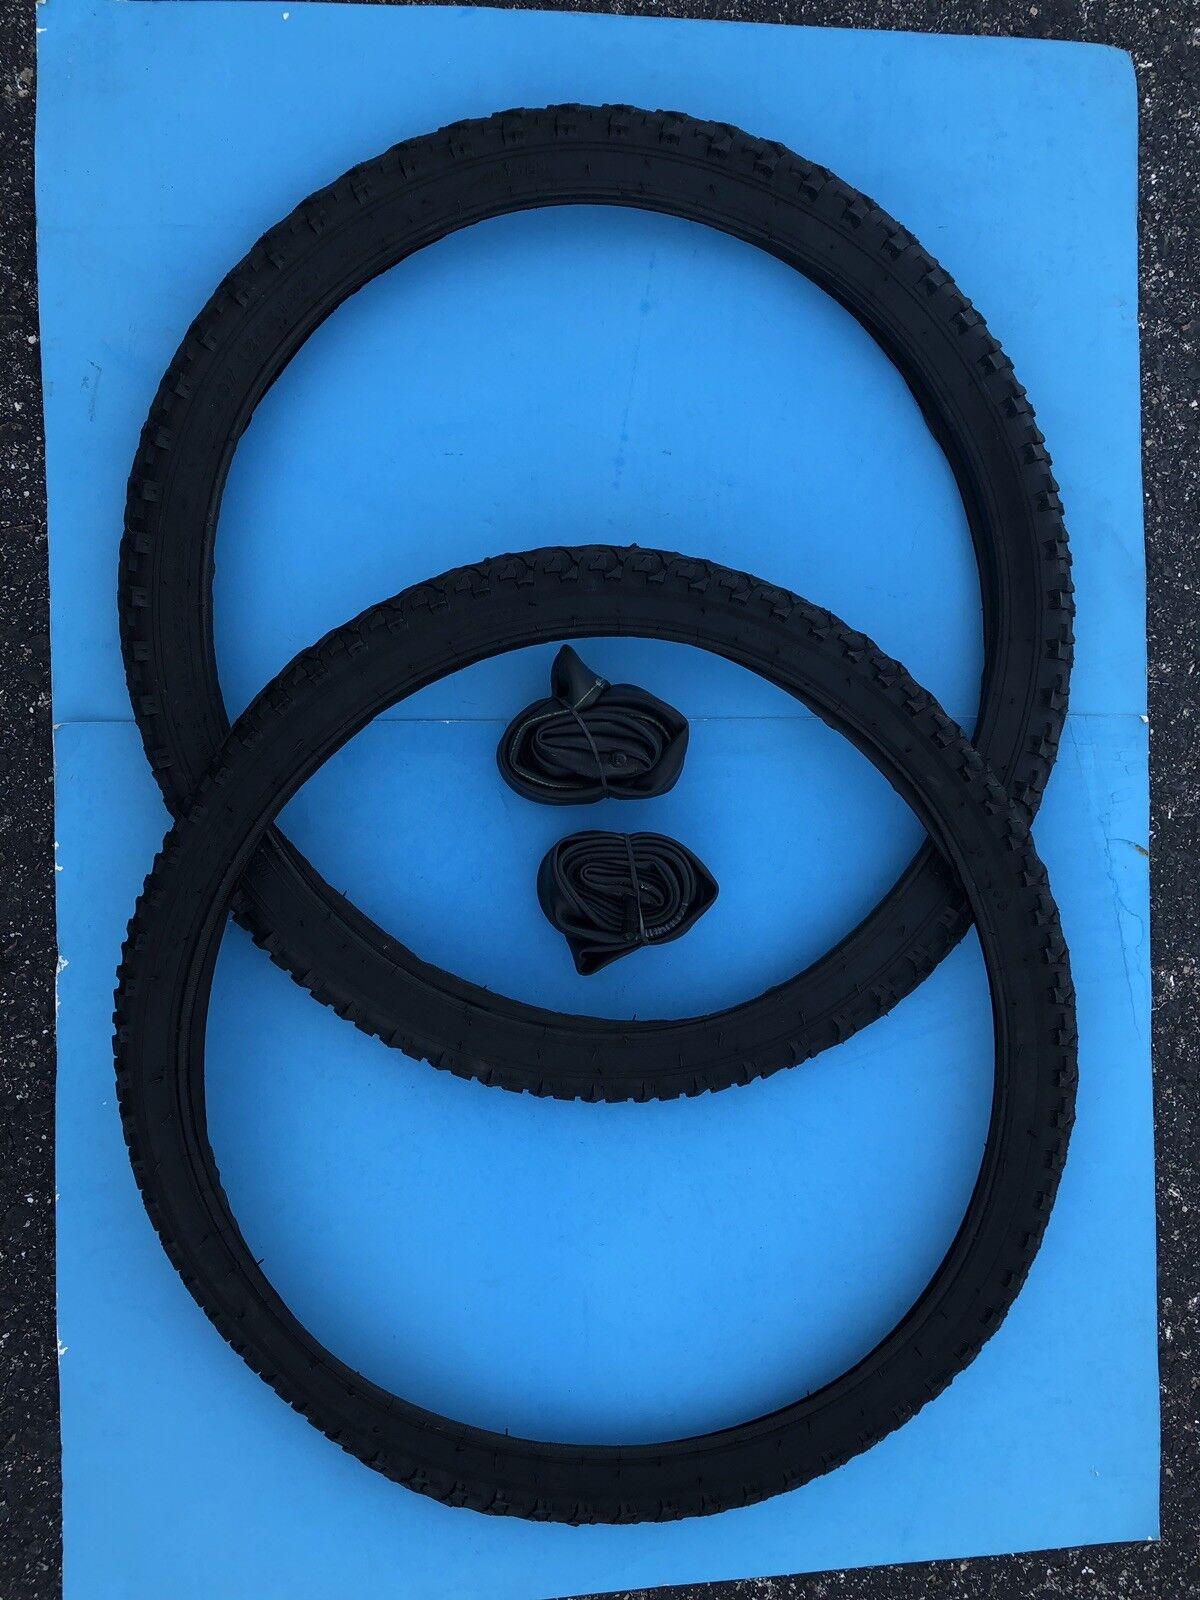 24  Inch Tire & Inner Tube Set, 2 Tires-2 Inner Tubes, Durable, Good Quality